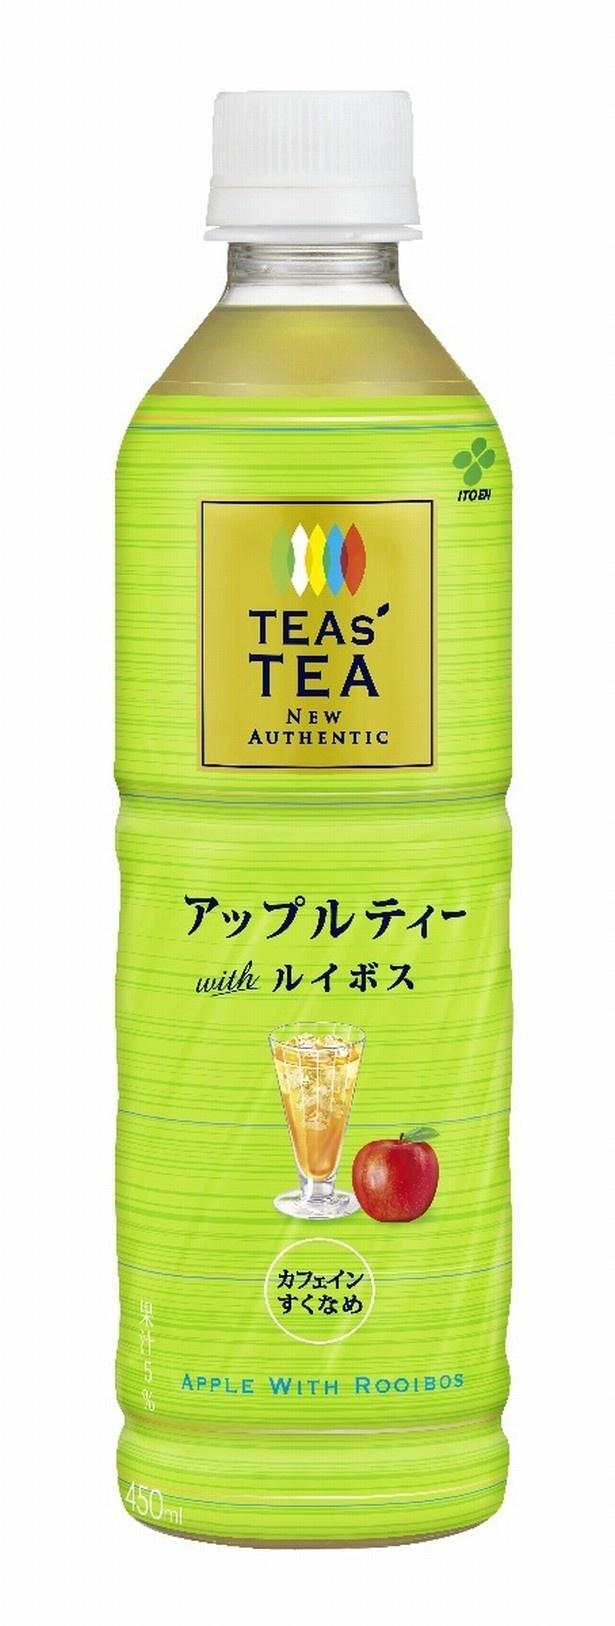 アップルの香りと紅茶にルイボスを加えることで、コクがありながらカフェイン少なめに仕上げた「TEAs'TEA NEW AUTHENTIC アップルティーwith ルイボス」(希望小売価格・各税抜140円)